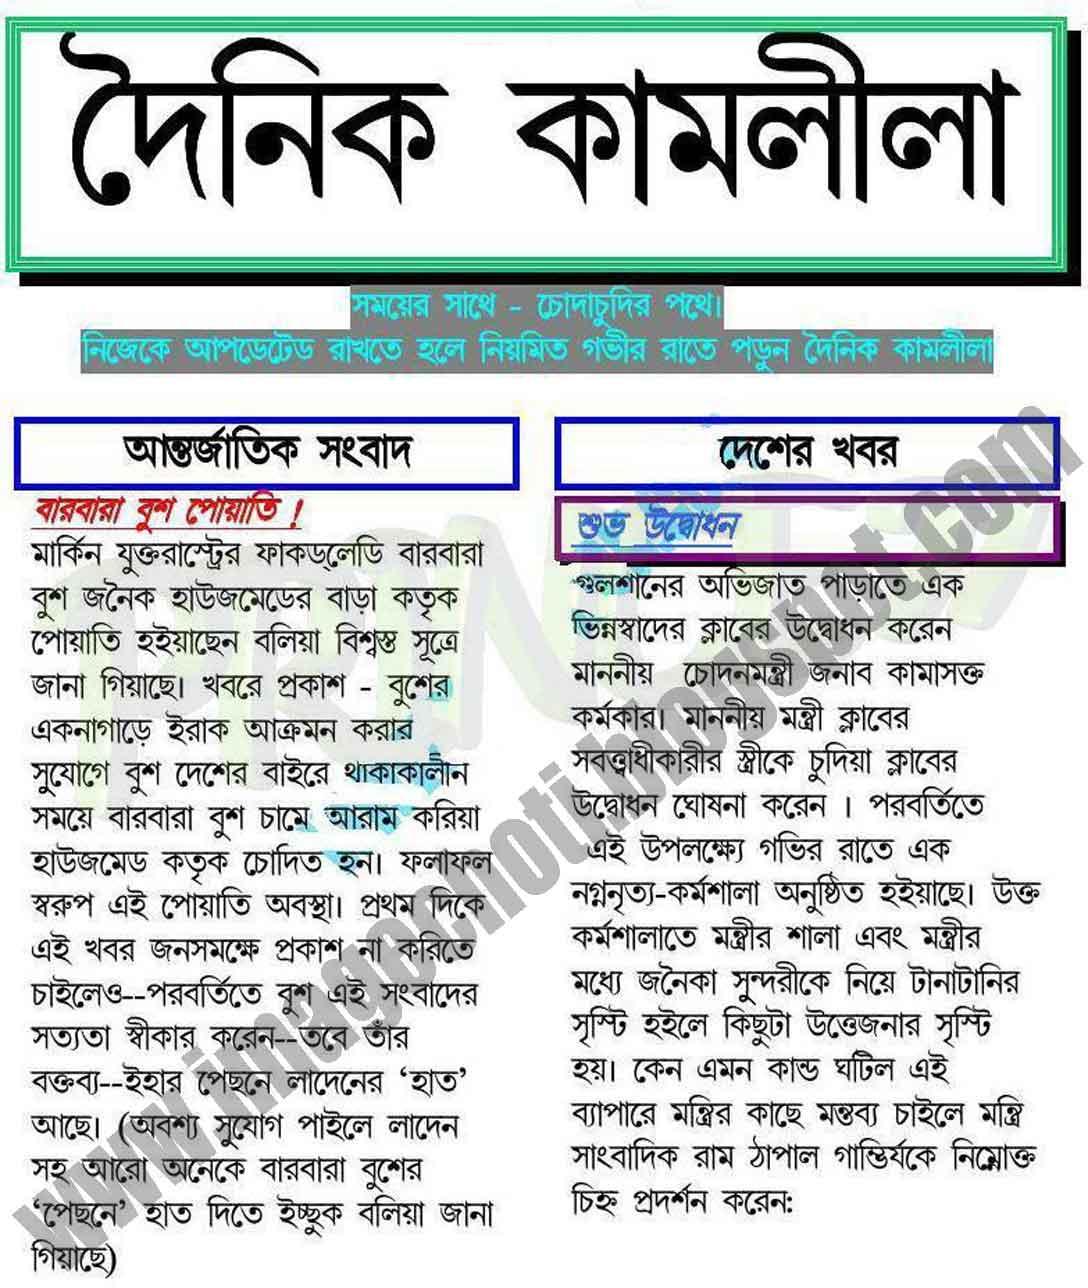 Download image Choda Chudi Boudi Khanki Chodar Video Bangla Photo PC ...